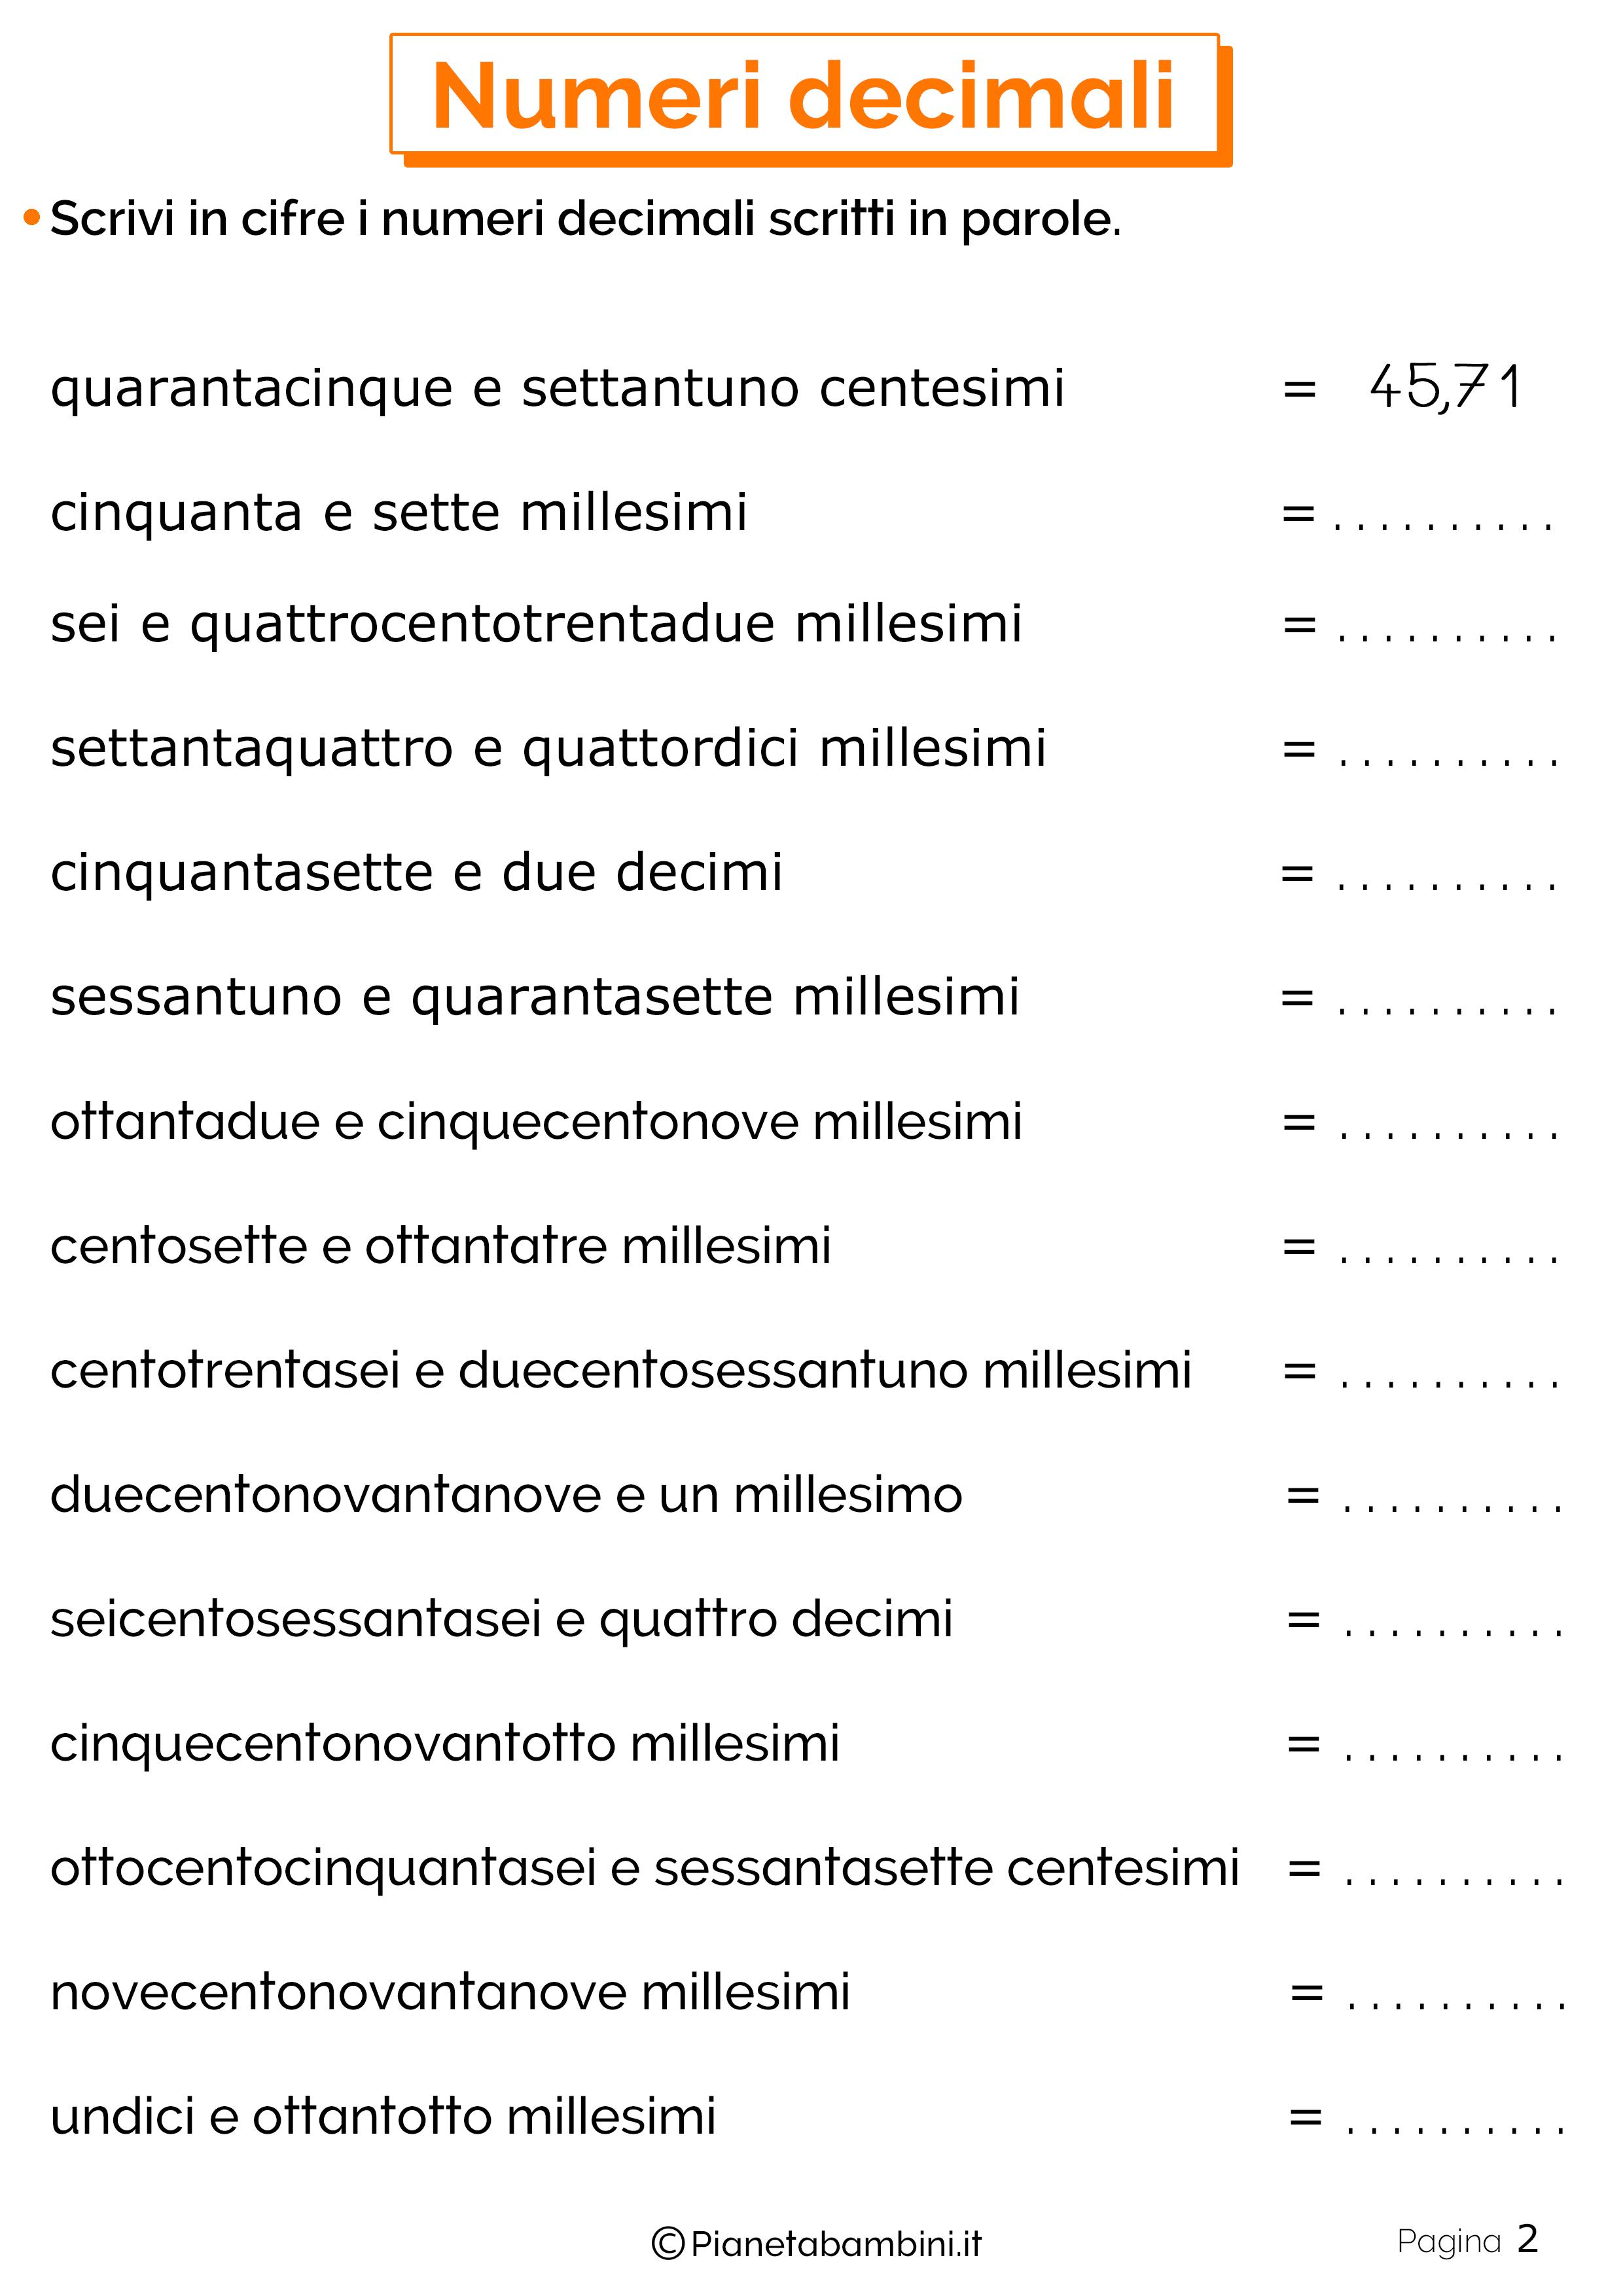 Schede didattiche sui numeri decimali 02